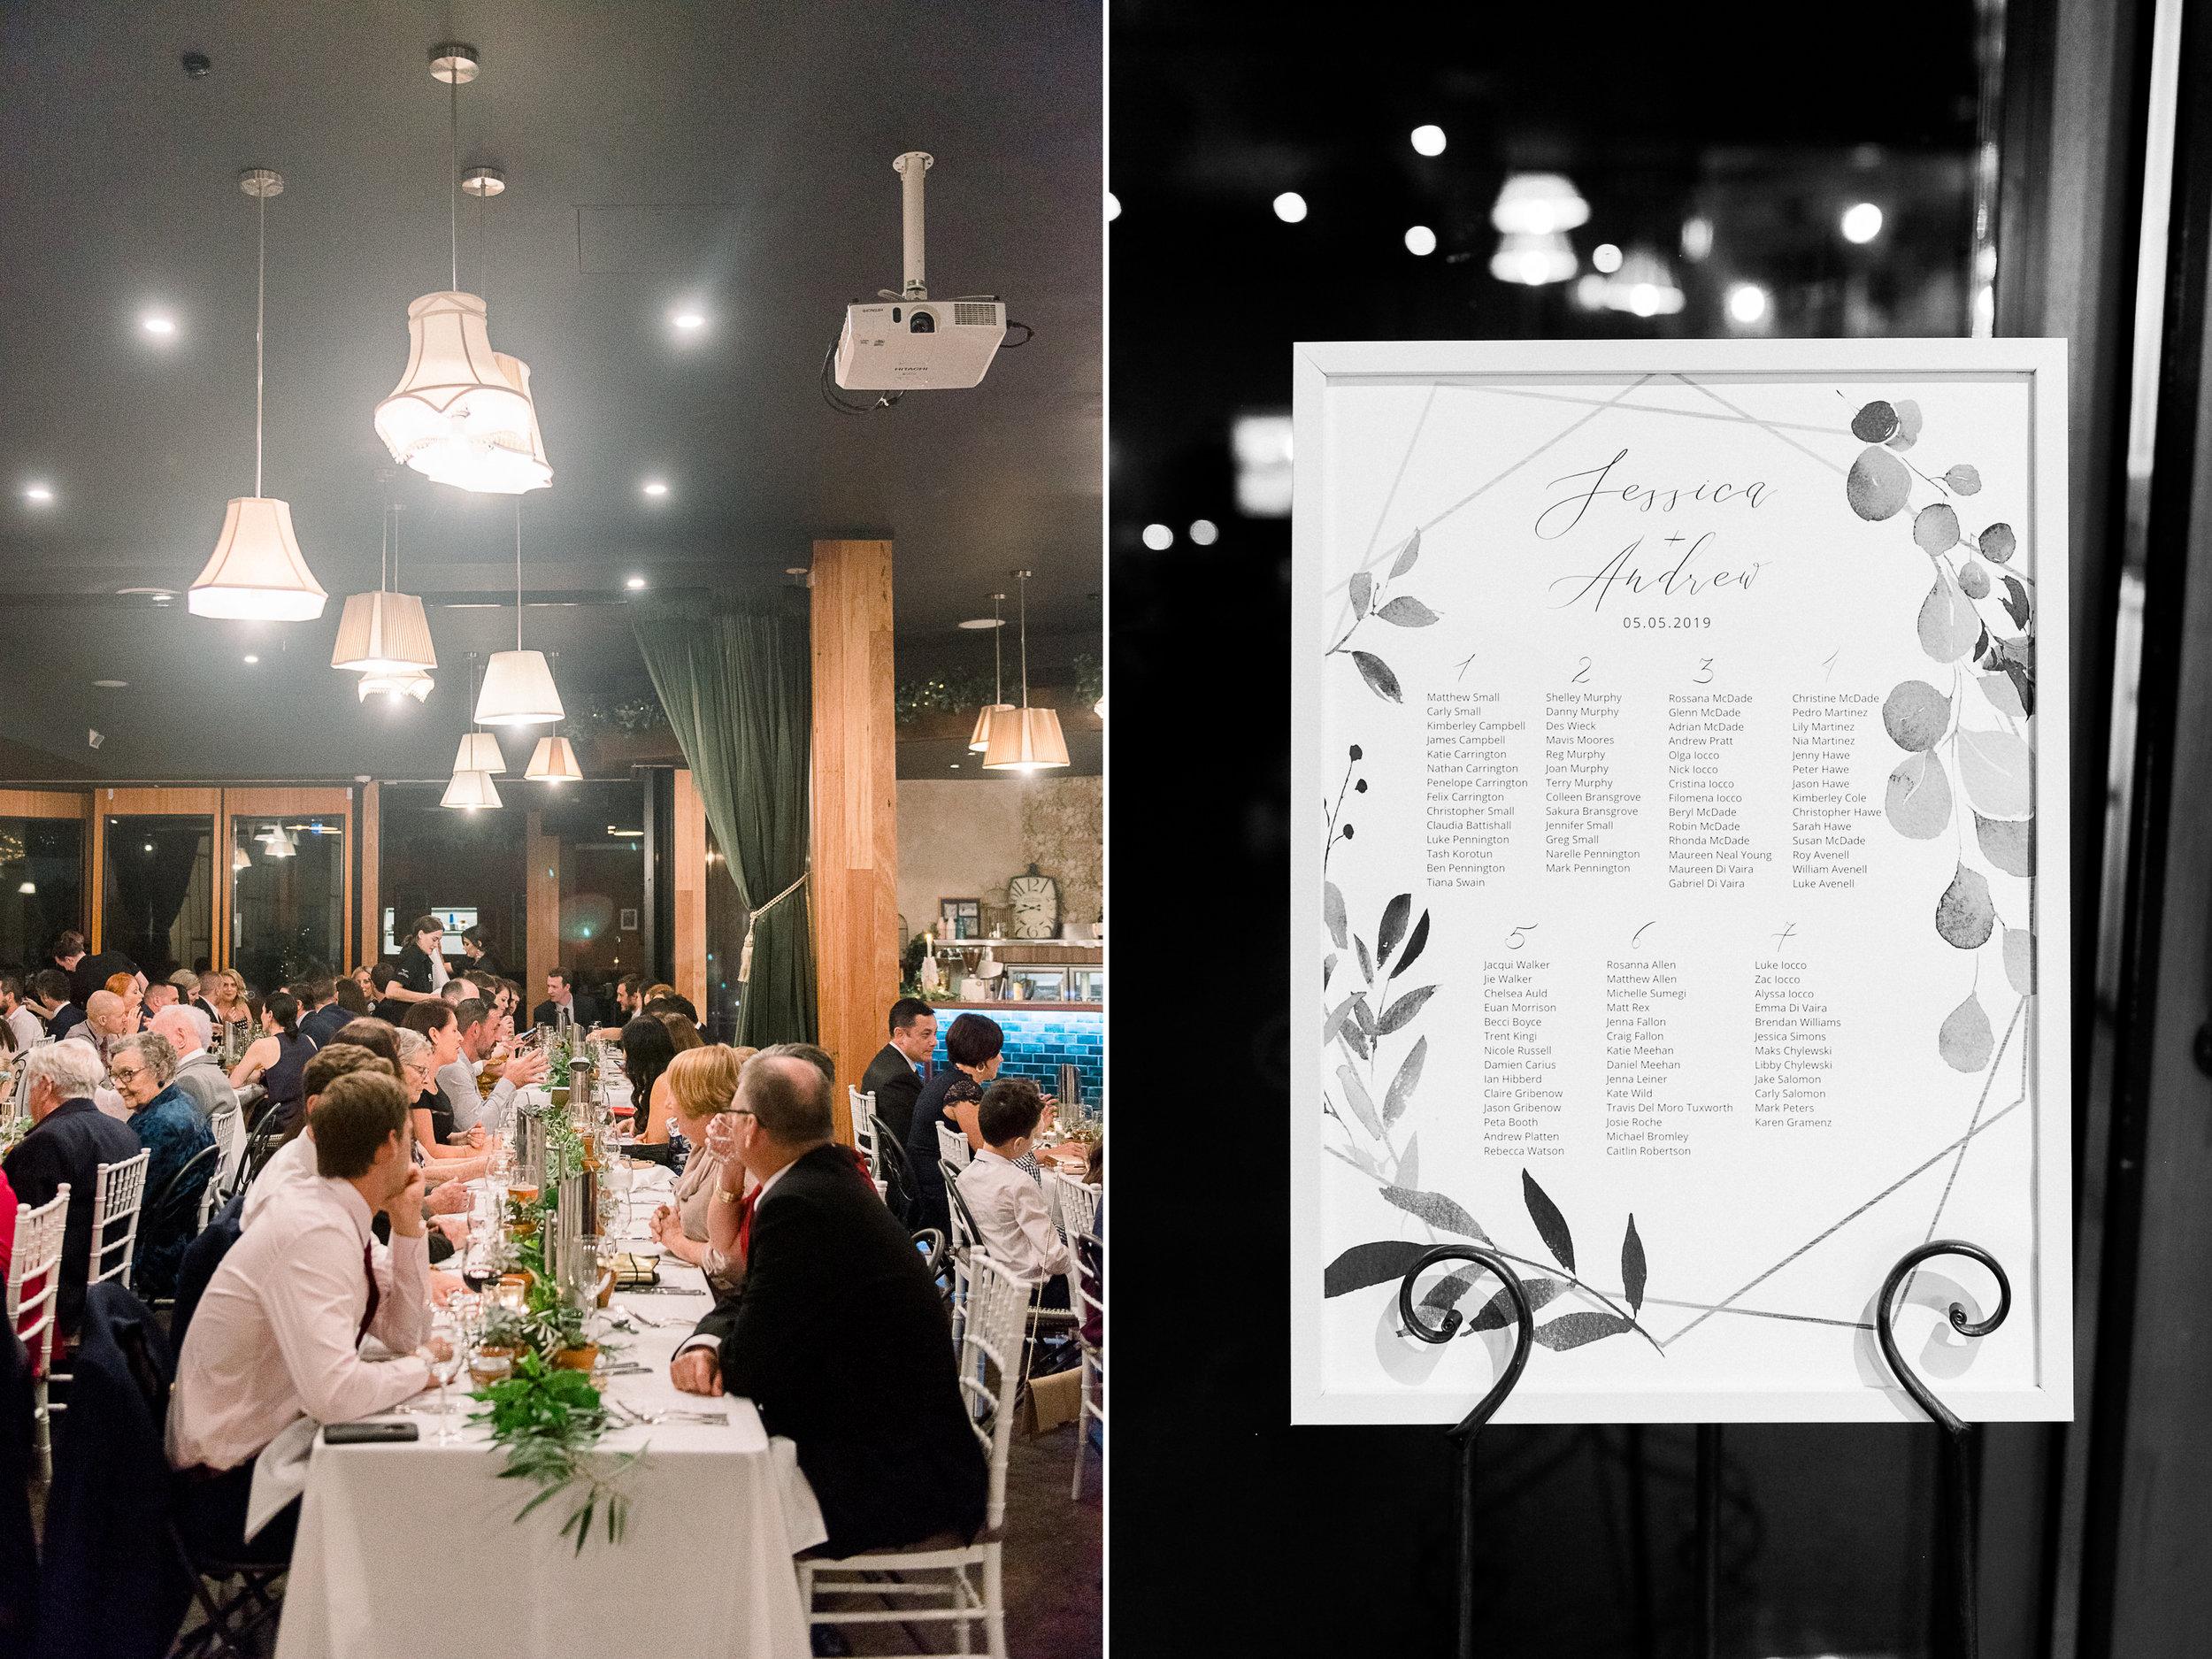 brisbane-city-wedding-loft-west-end-reception-4.jpg